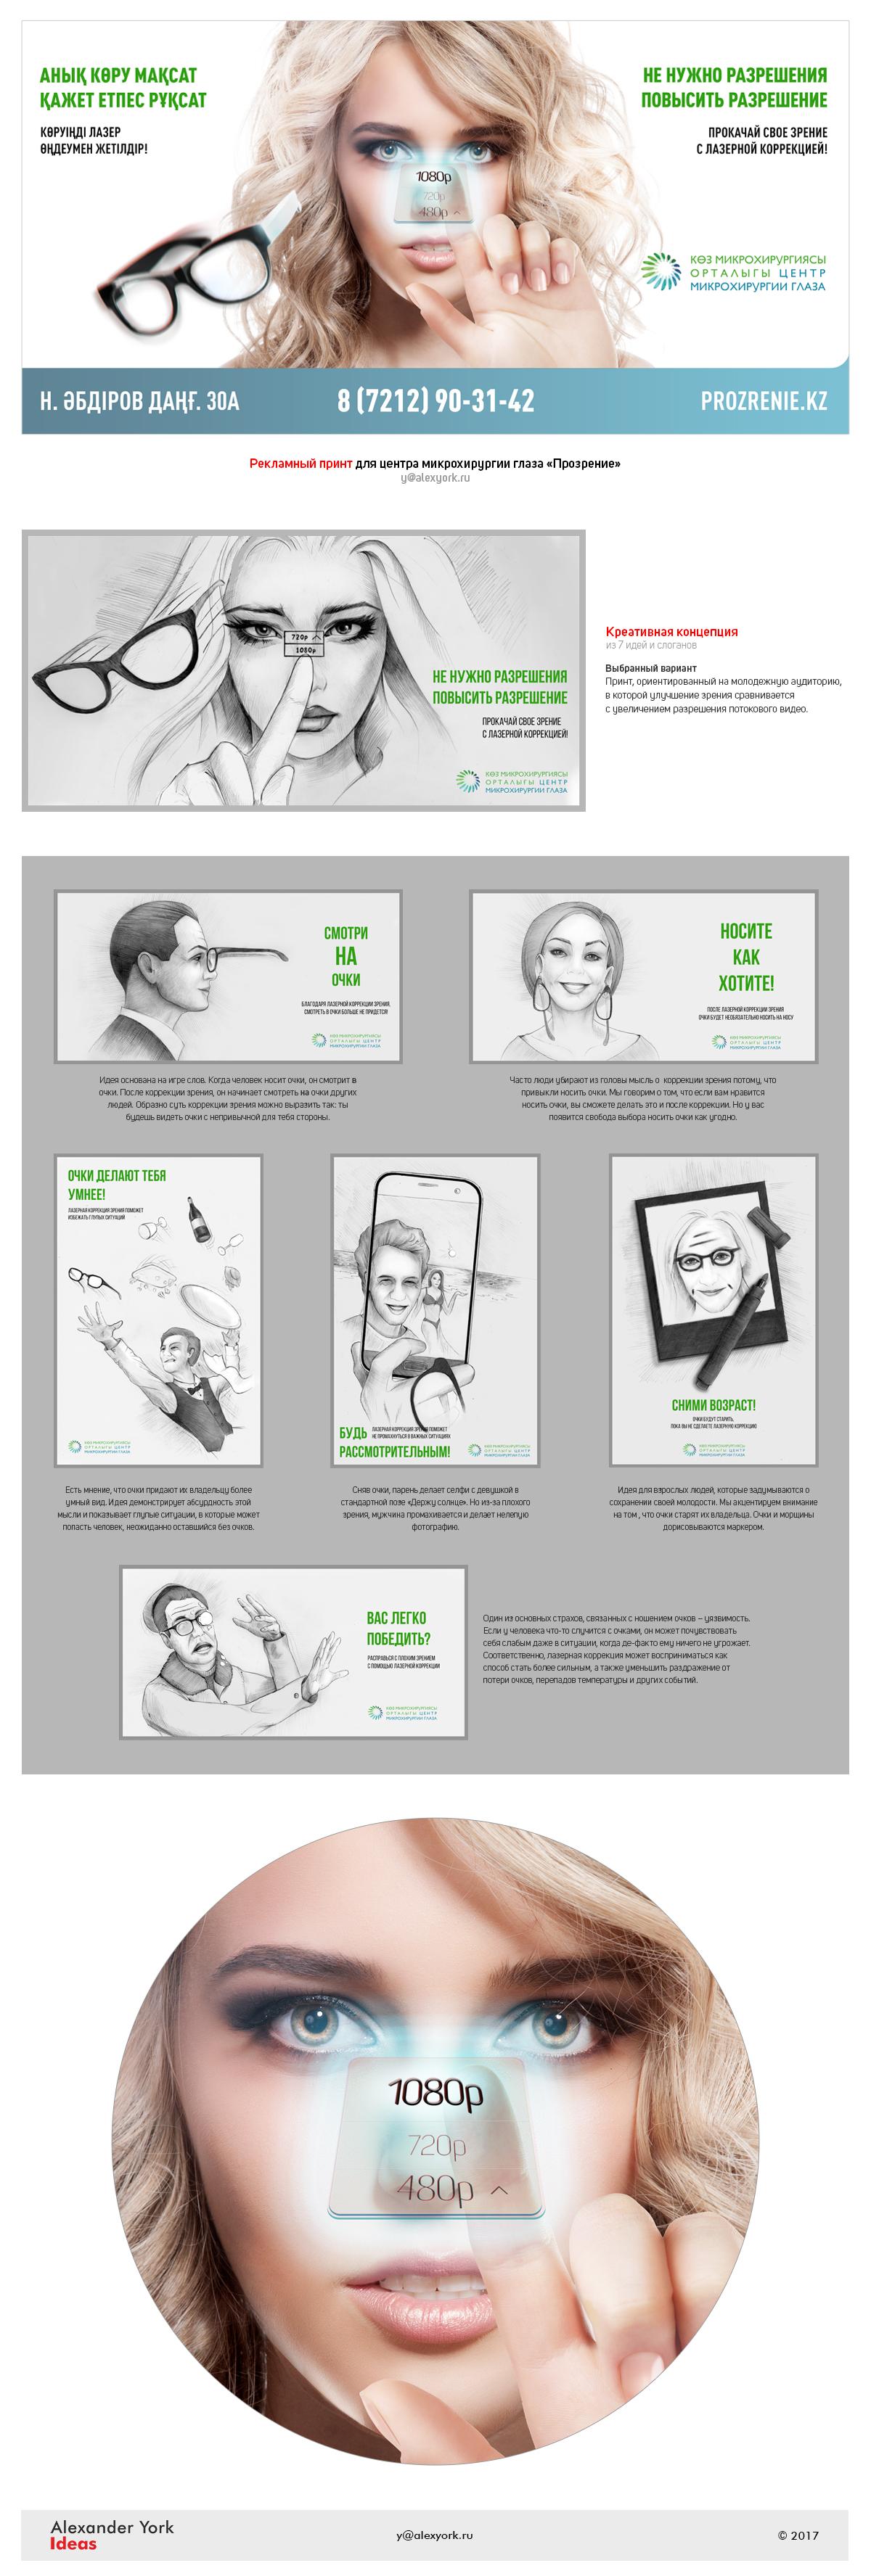 Креативная концепция и рекламный принт для клиники микрохирургии глаза